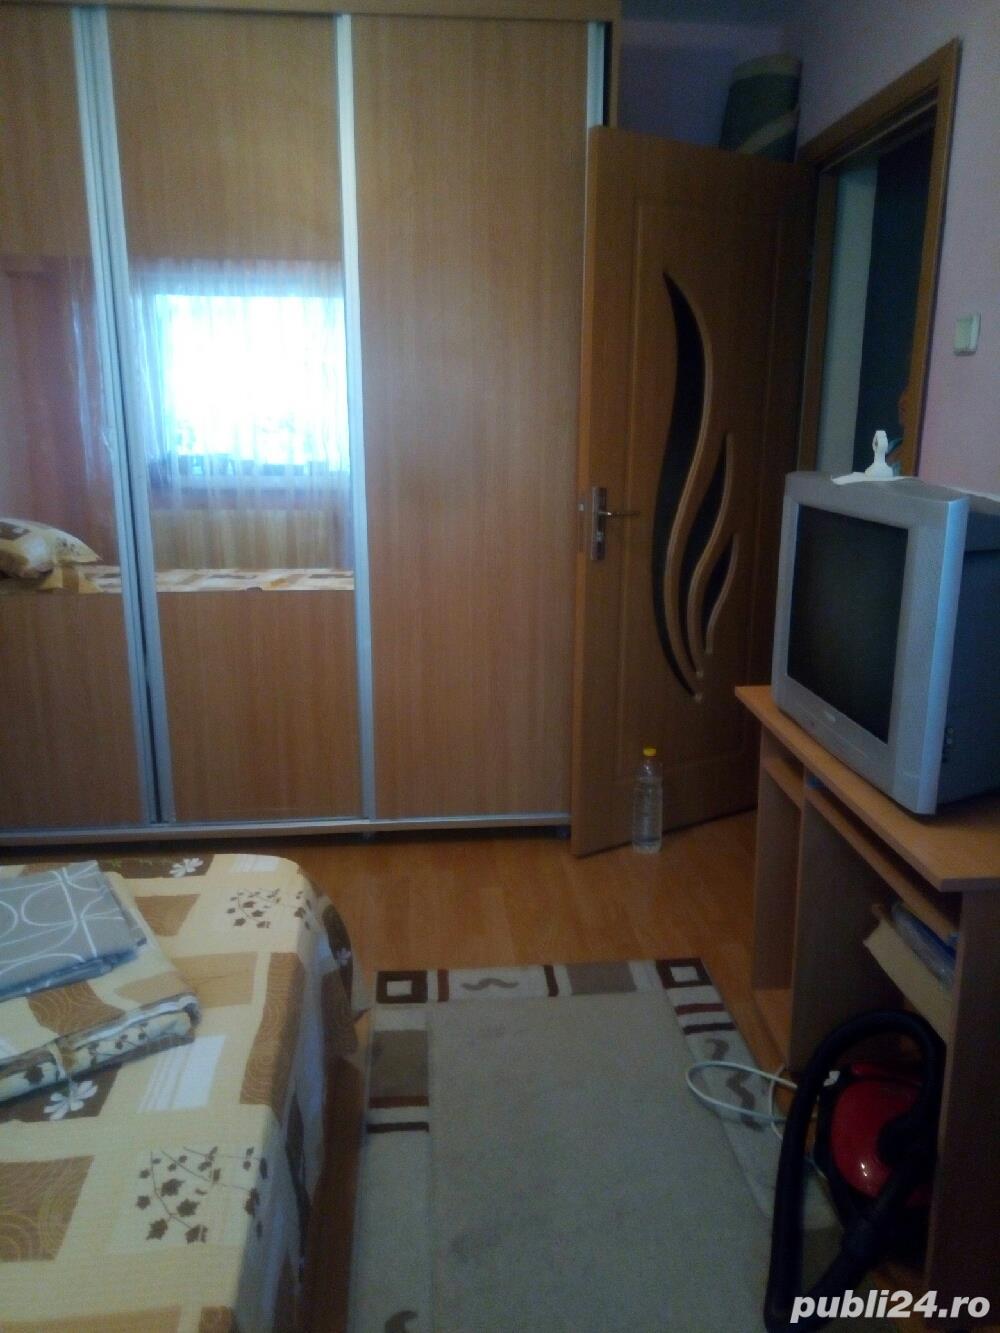 Închiriez cameră în apartament decomandat, la student nefumator